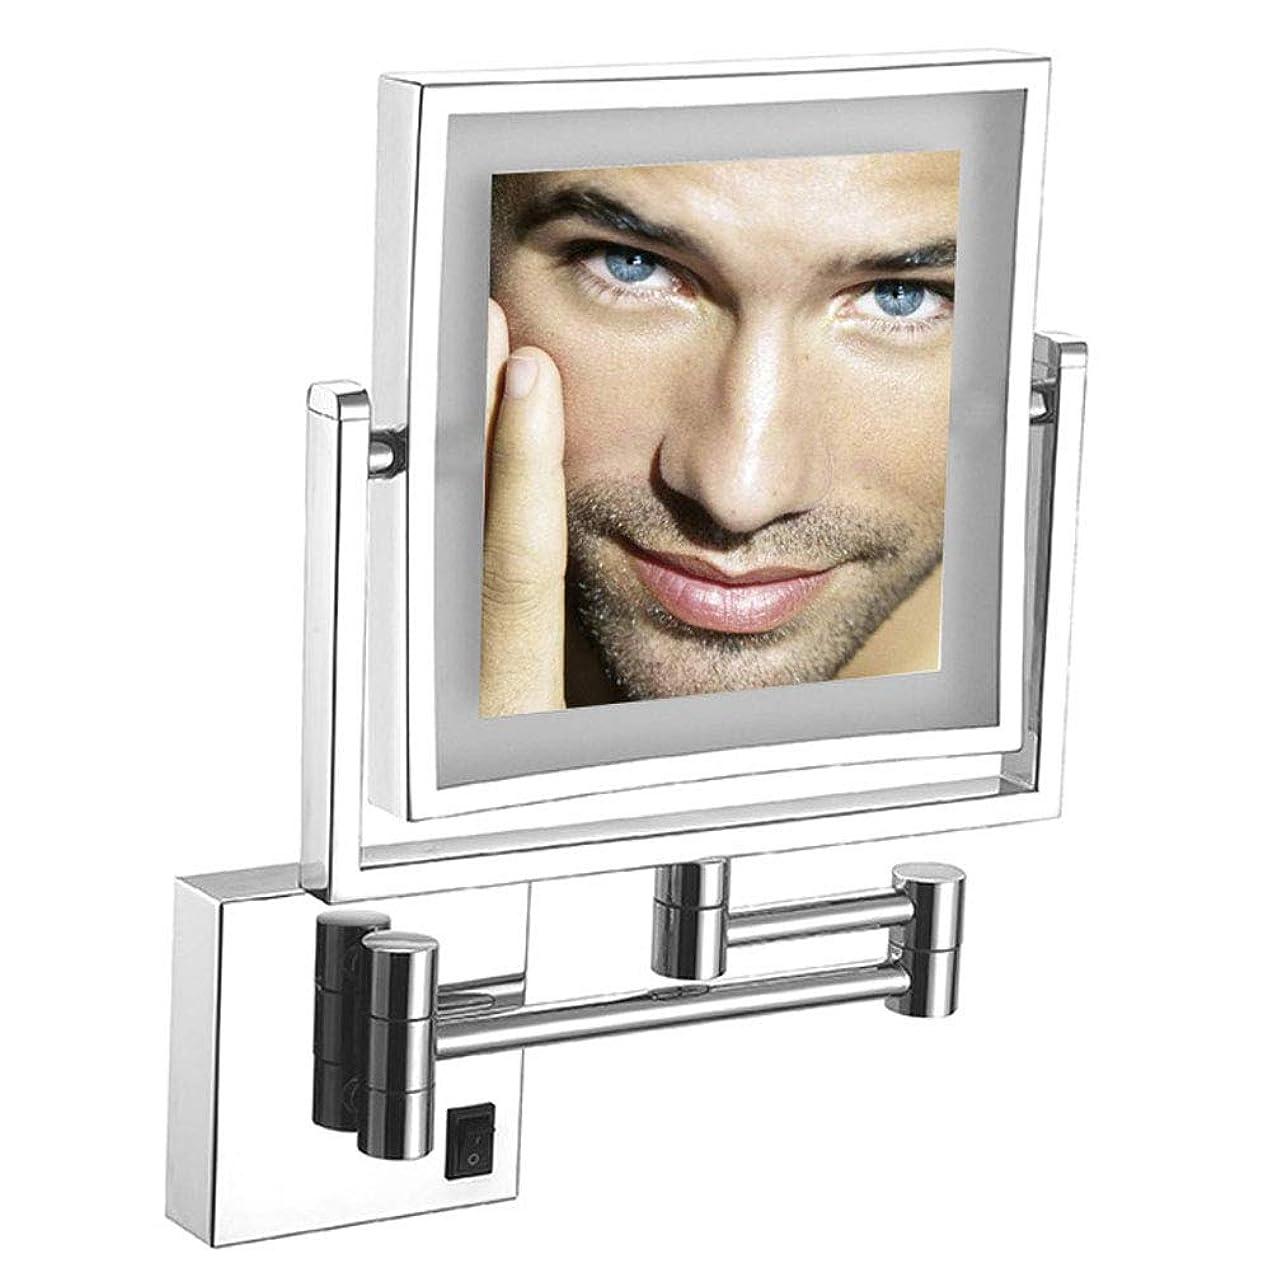 年契約したミルライト付き化粧鏡ウォールマウント、壁掛け照明付き化粧鏡、浴室用8インチ両面360回転化粧品顔拡張可能なバニティミラークロム仕上げ,Plug